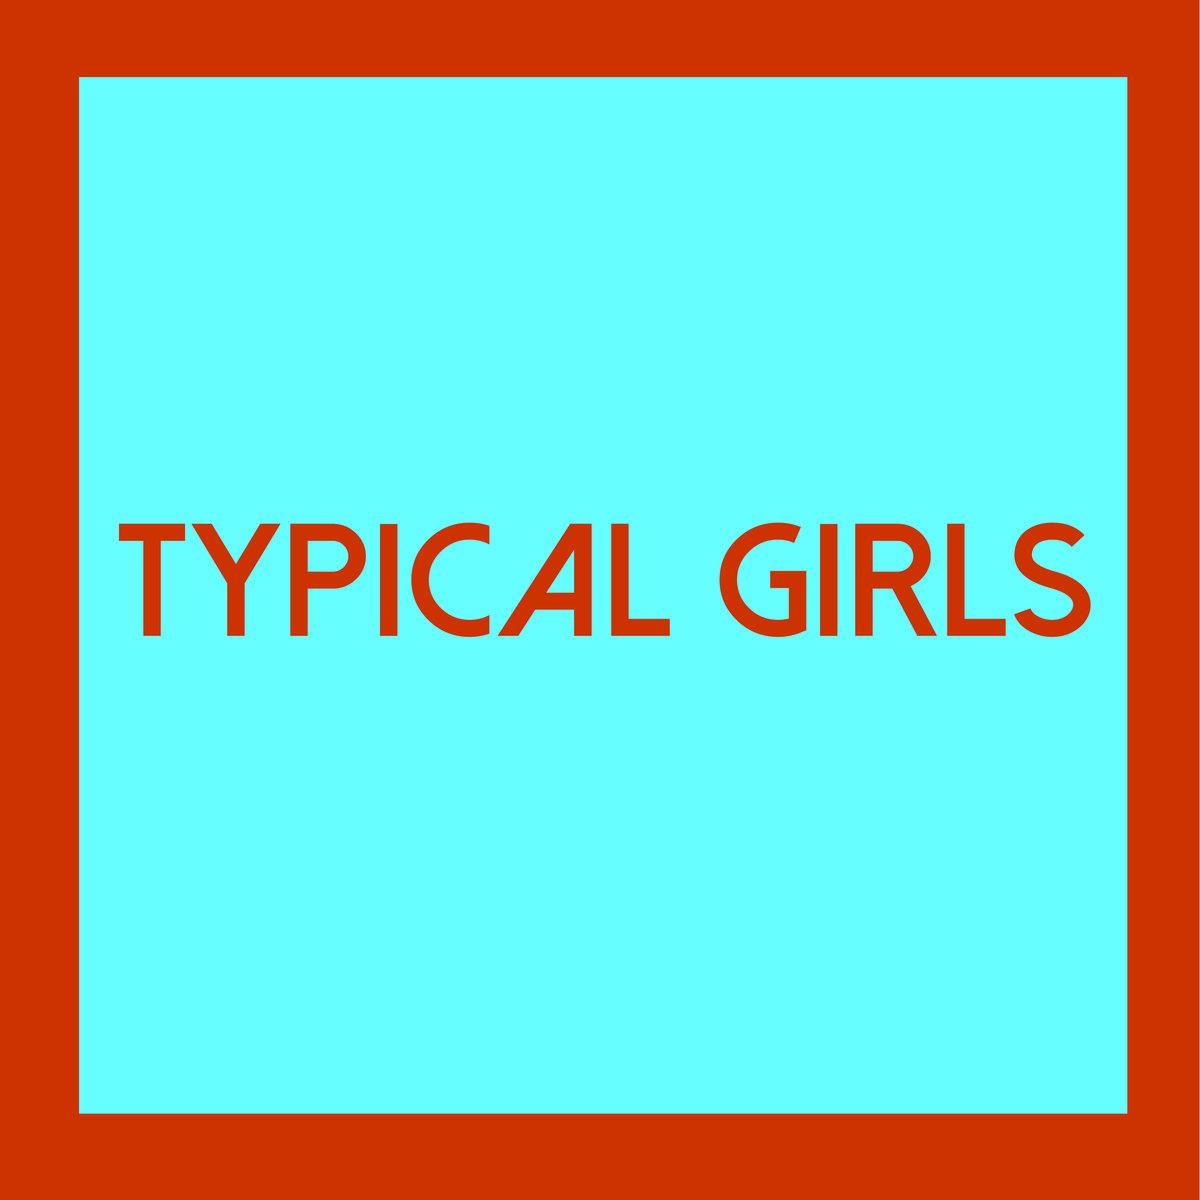 V/A - Typical Girls Vol 4 LP